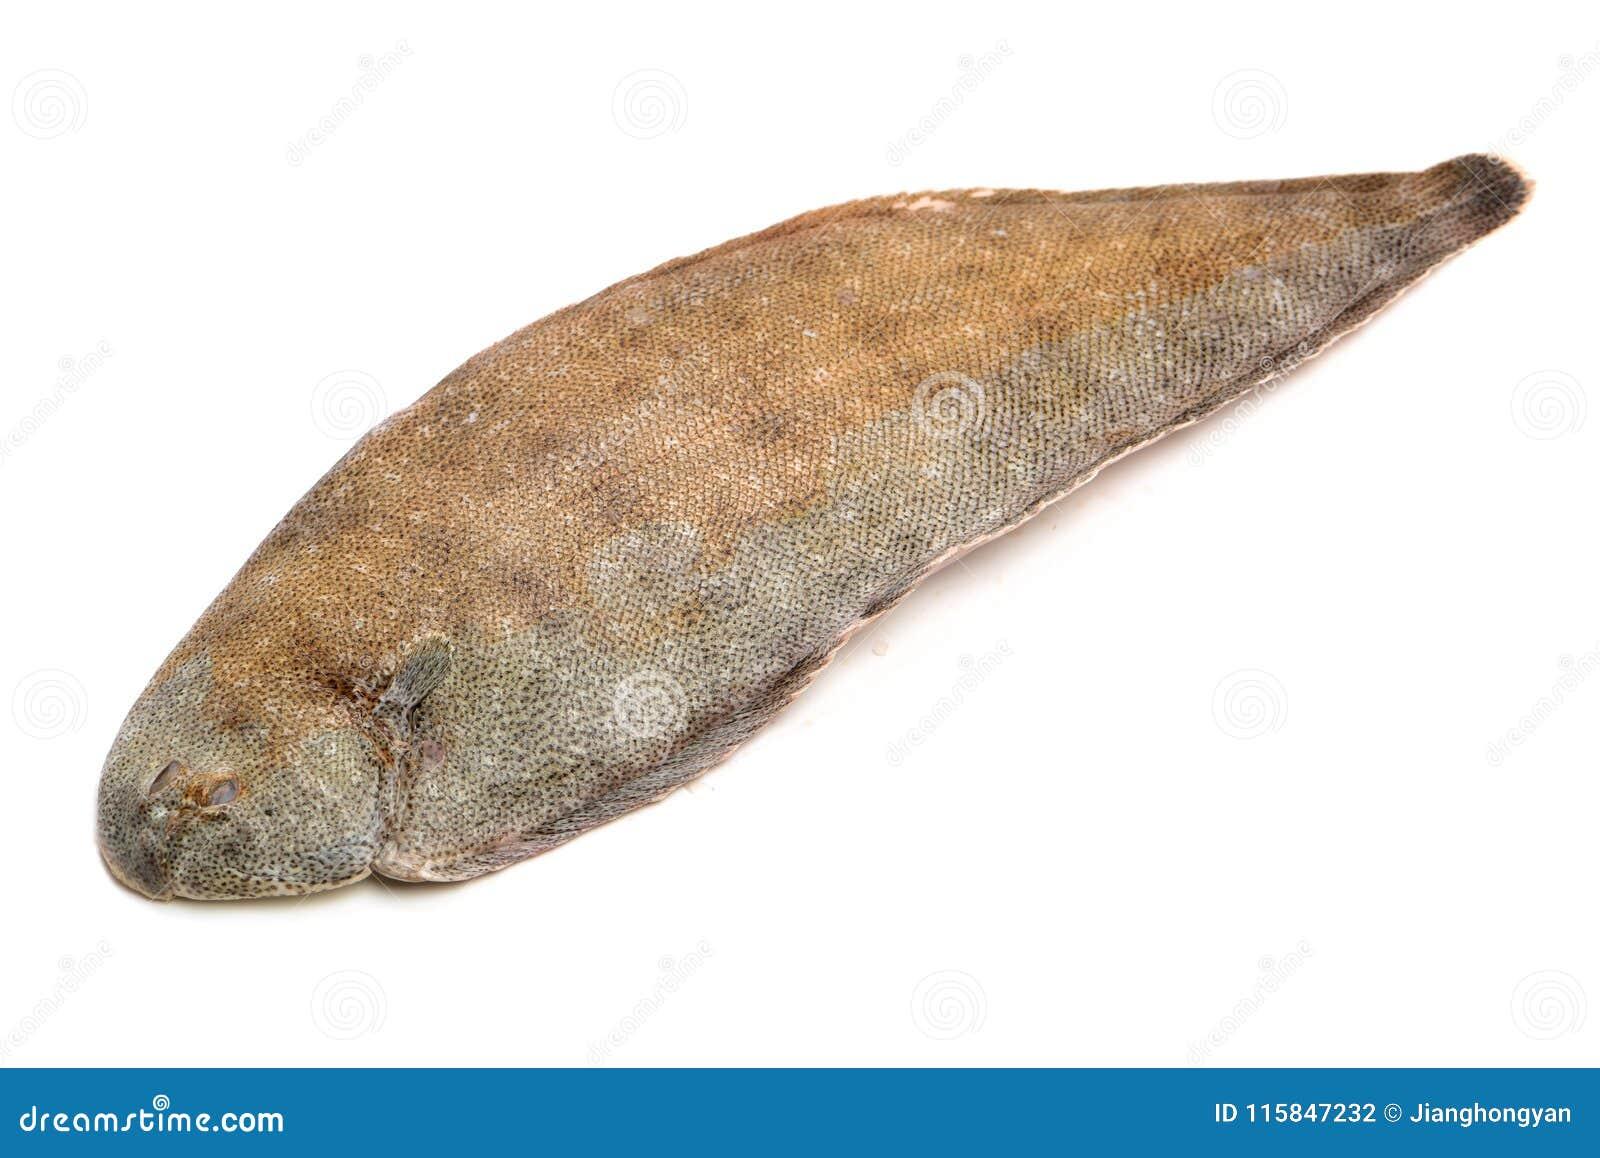 Whole couple fresh sole fish